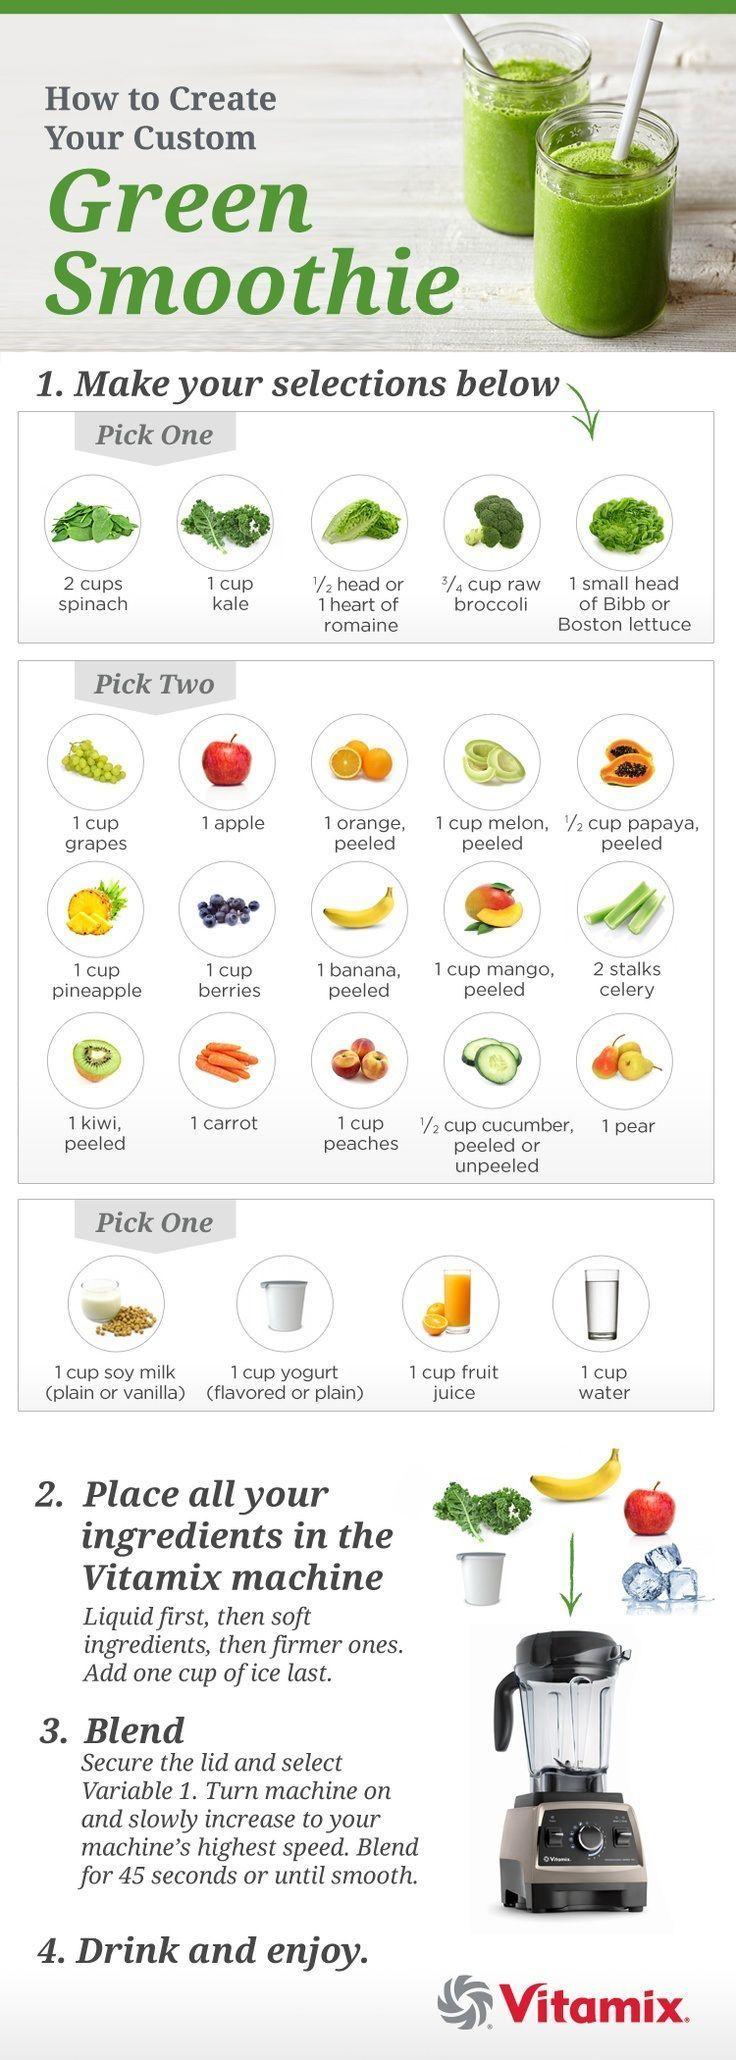 Custom Green Smoothie Recipes